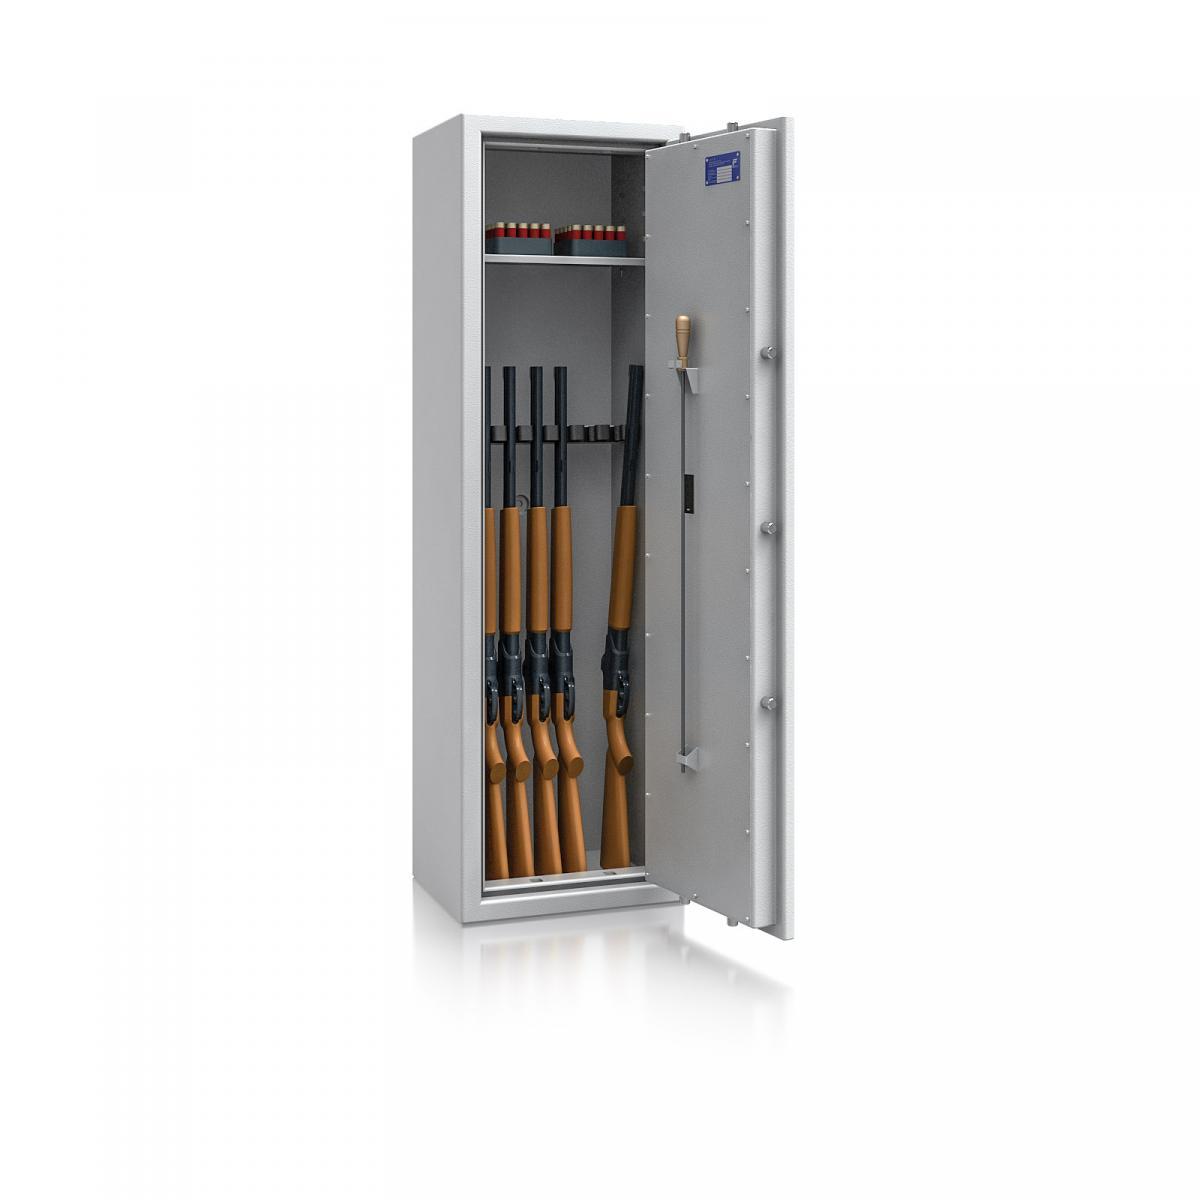 Waffenschrank St. Gallen WF NEW 4 - 1500x450x350 / 150kg 56473 / Klasse I / RAL7035 / Elektr. Basic / DIN R